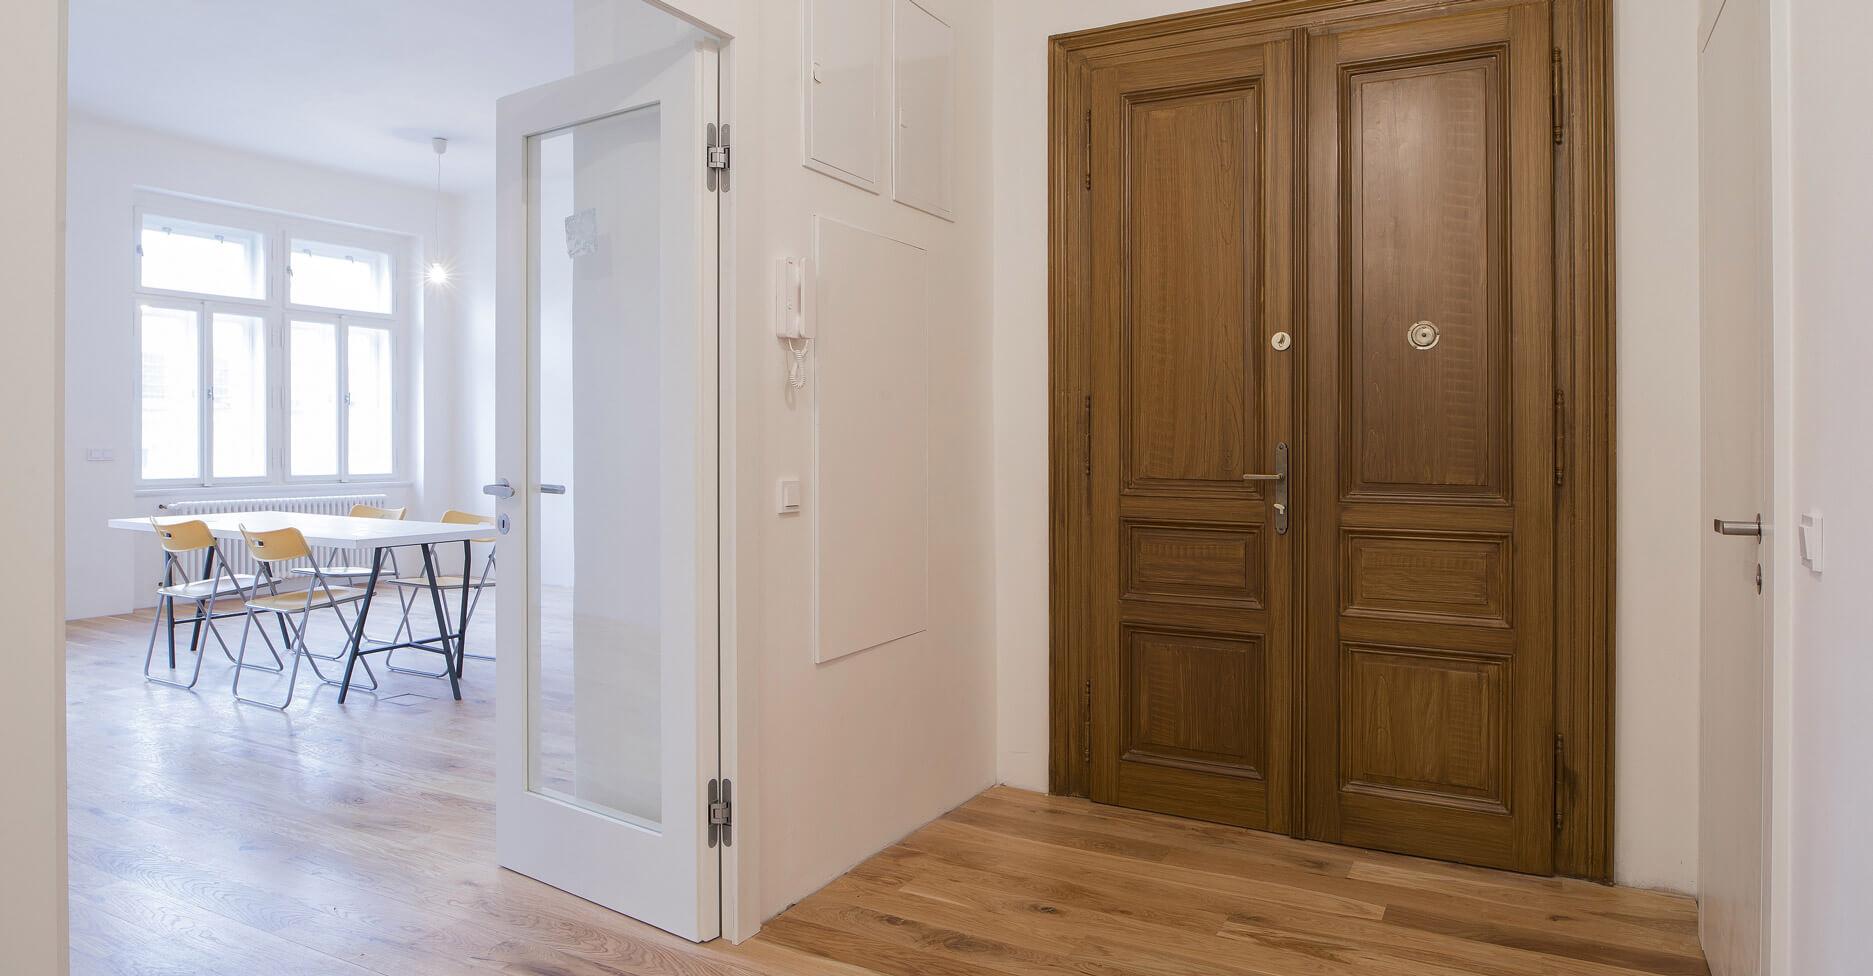 Rekonstrukce domu Praha, Anděl - vstupní dveře